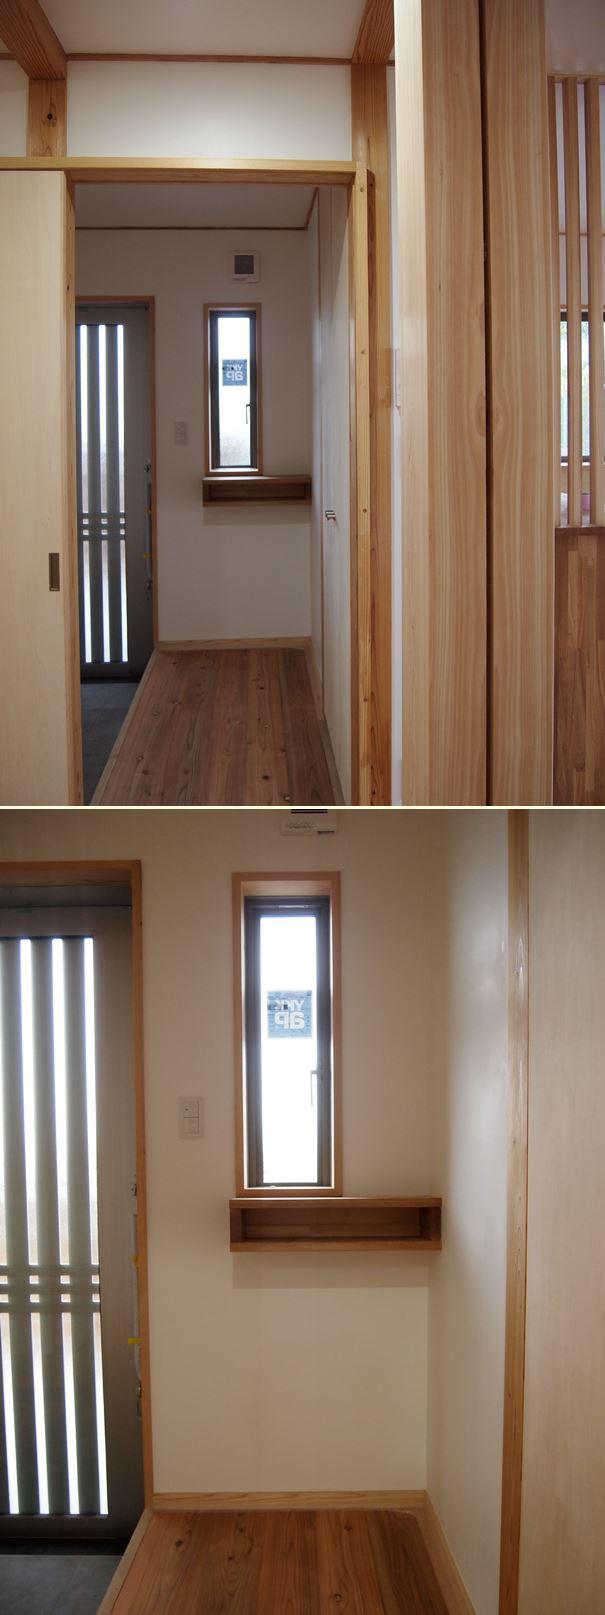 藤沢の家☆もうすぐ完成です!_c0152341_9151858.jpg